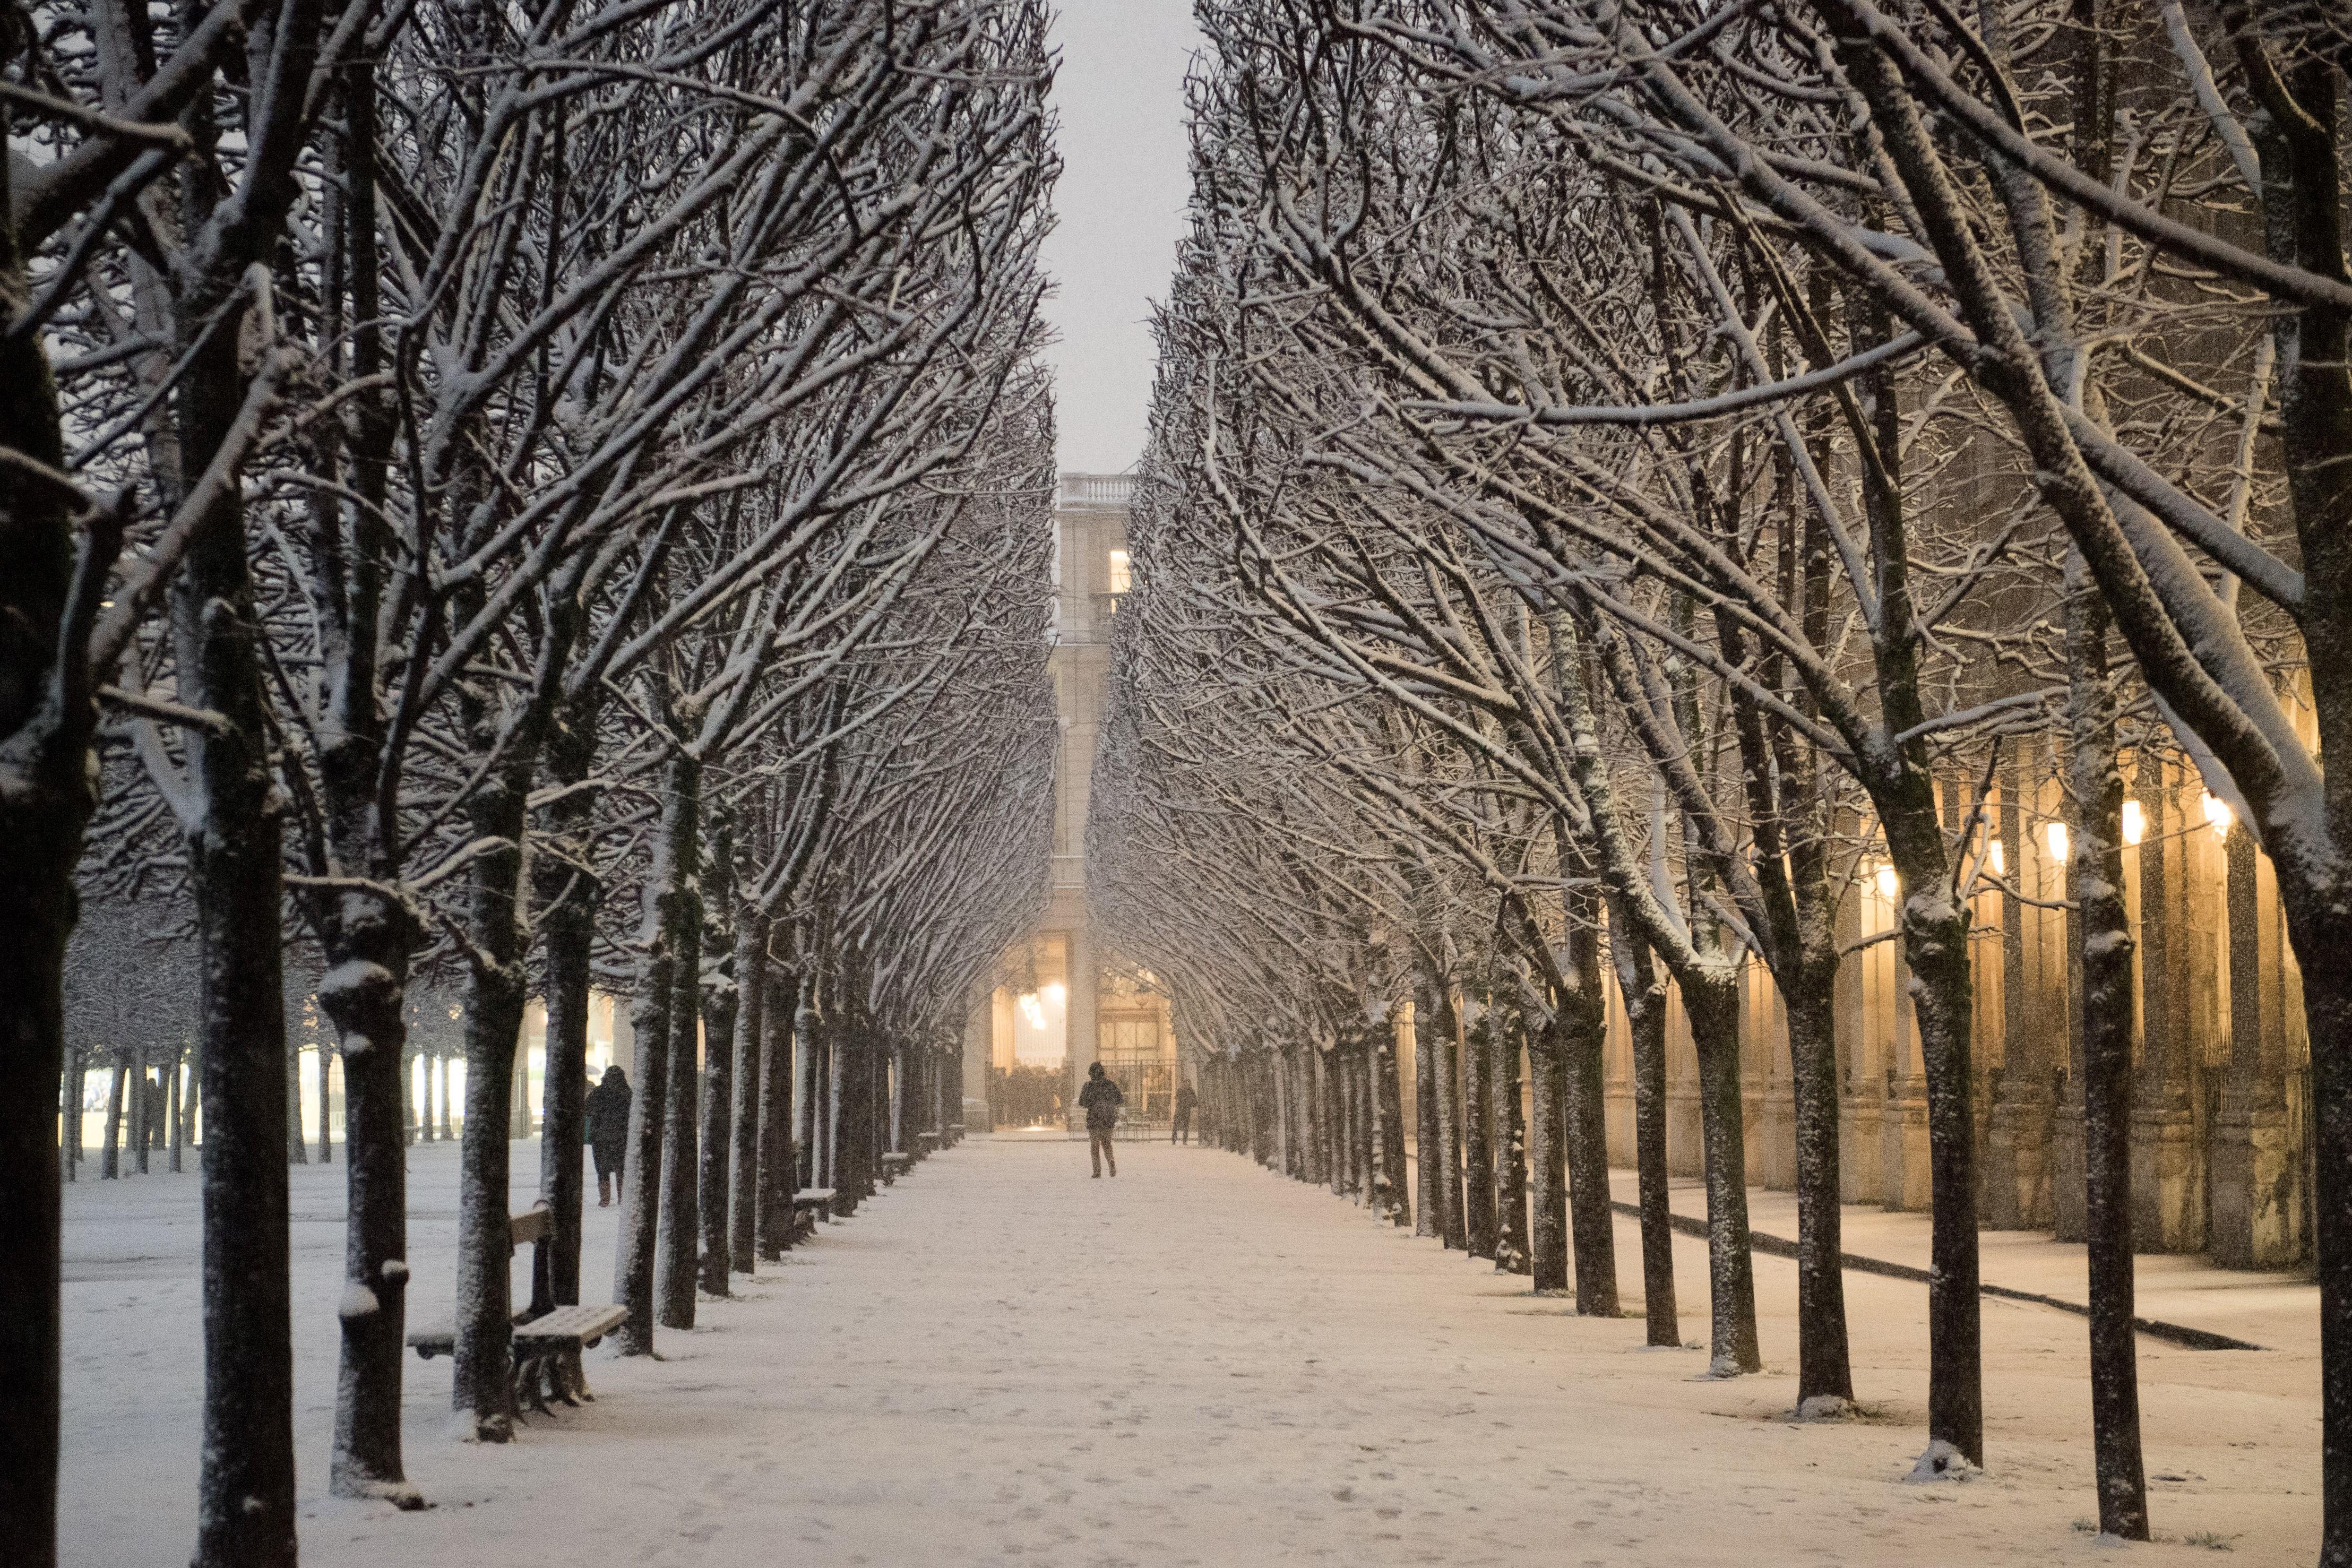 شخص يمشي في حدائق القصر الملكي (أف / جيرارد جوليان)